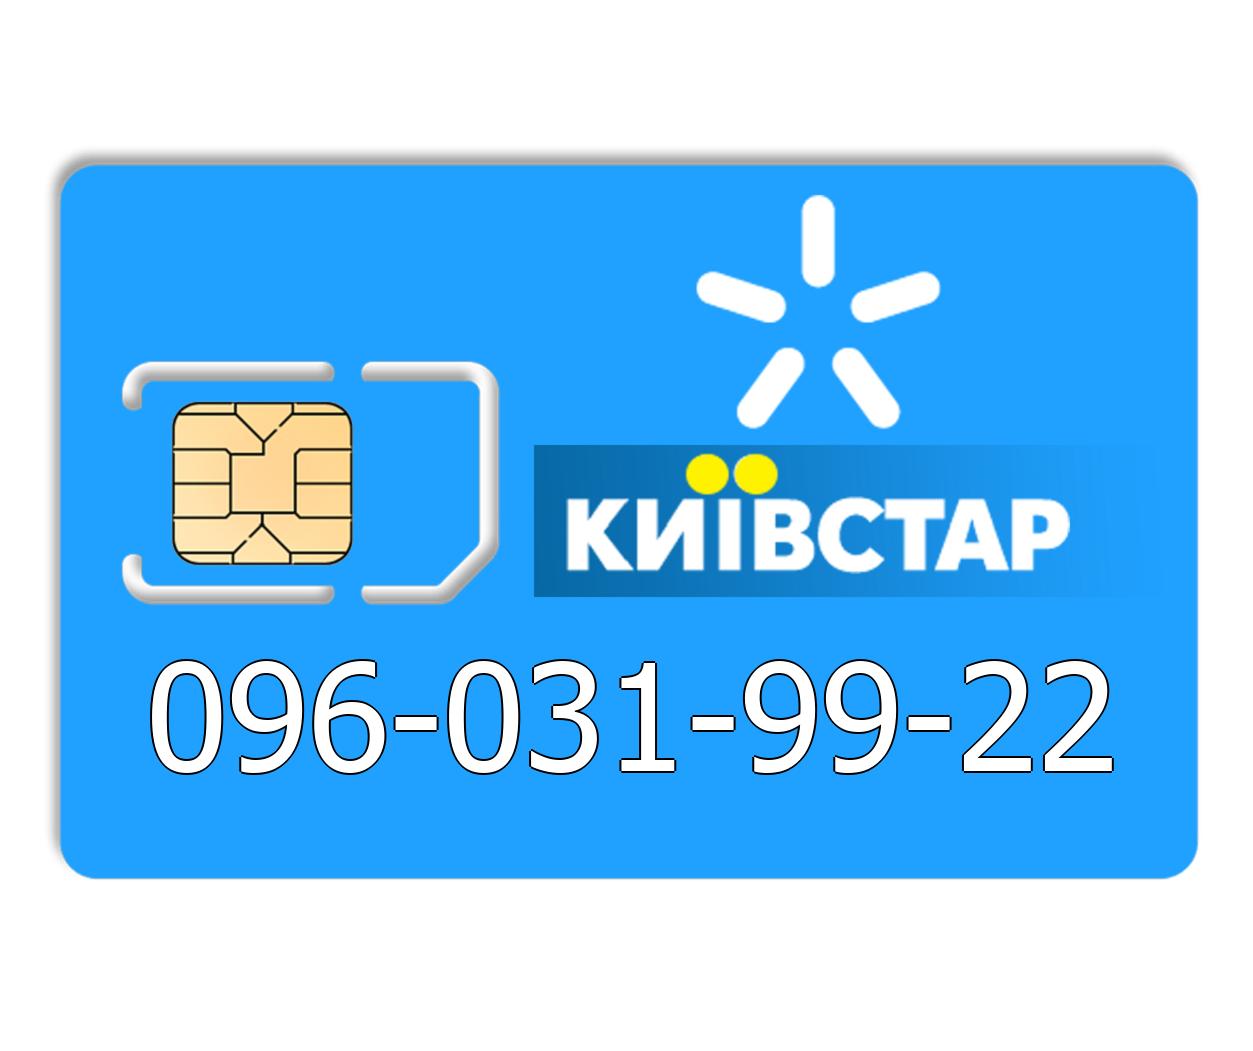 Красивый номер Киевстар 096-031-99-22